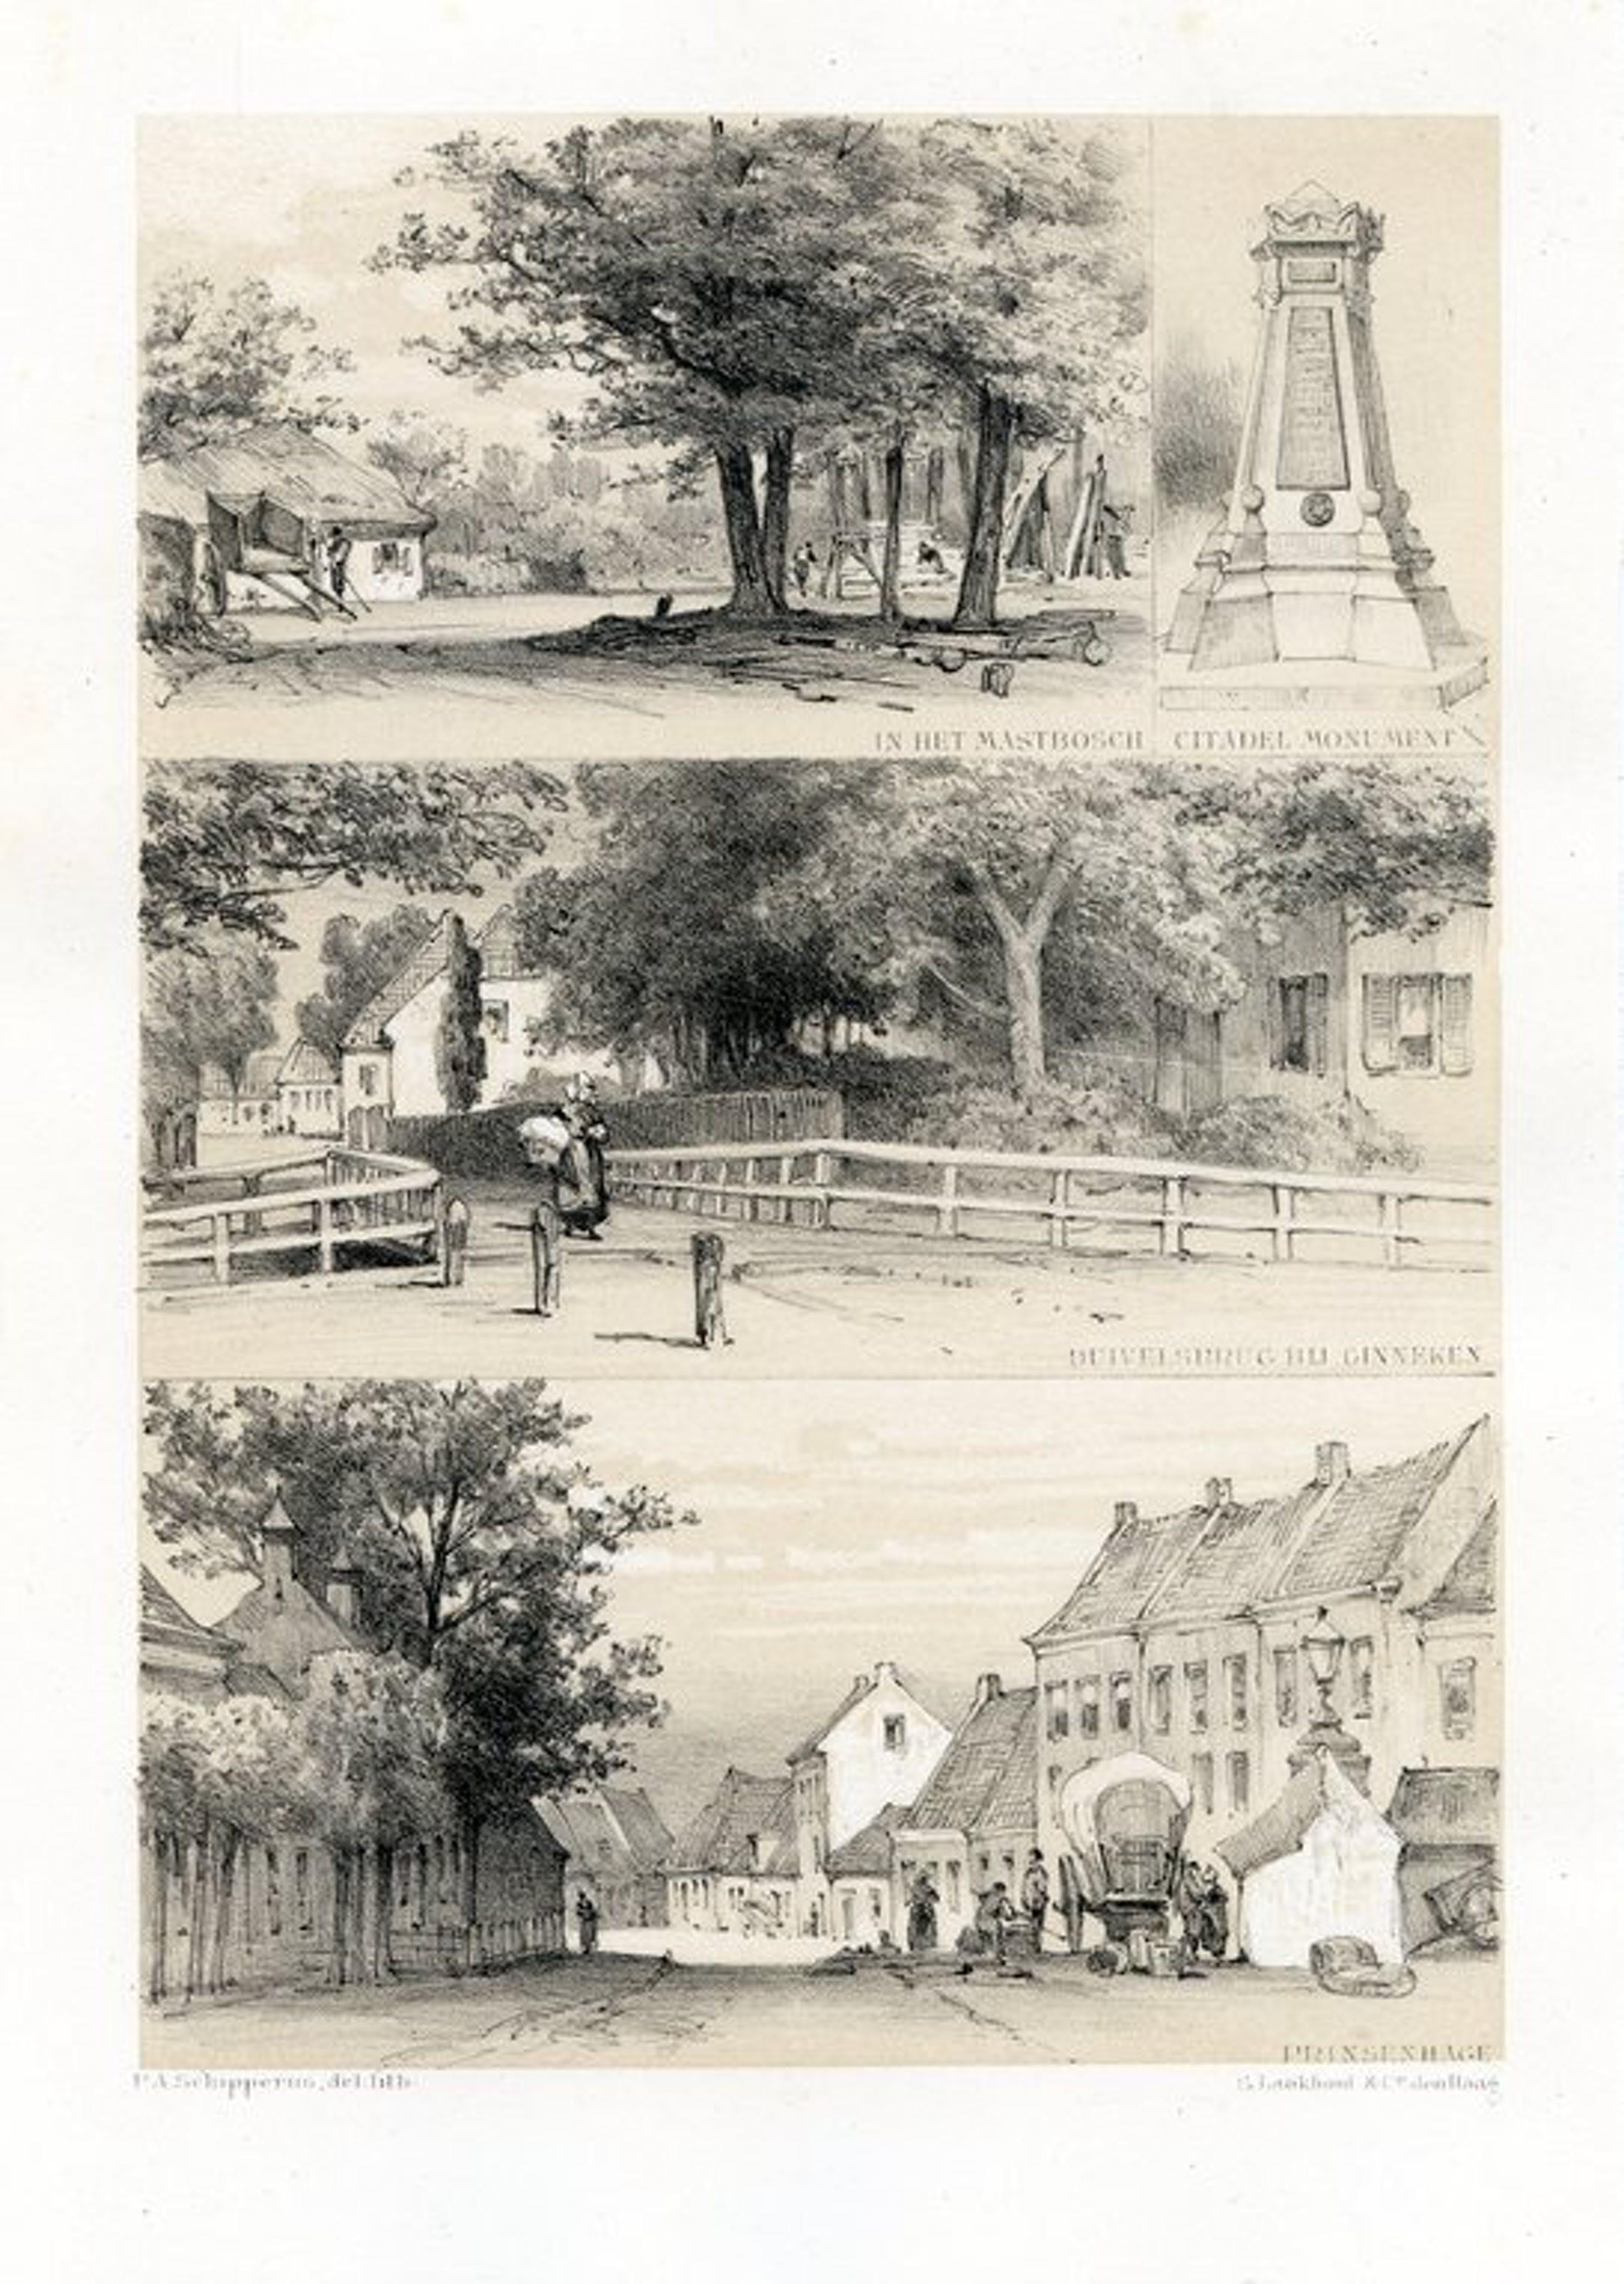 P.A. Schipperus 1880 - Litho Mastbosch - Ginneken en Prinsenhage - Litho kopen? Bied vanaf 35!